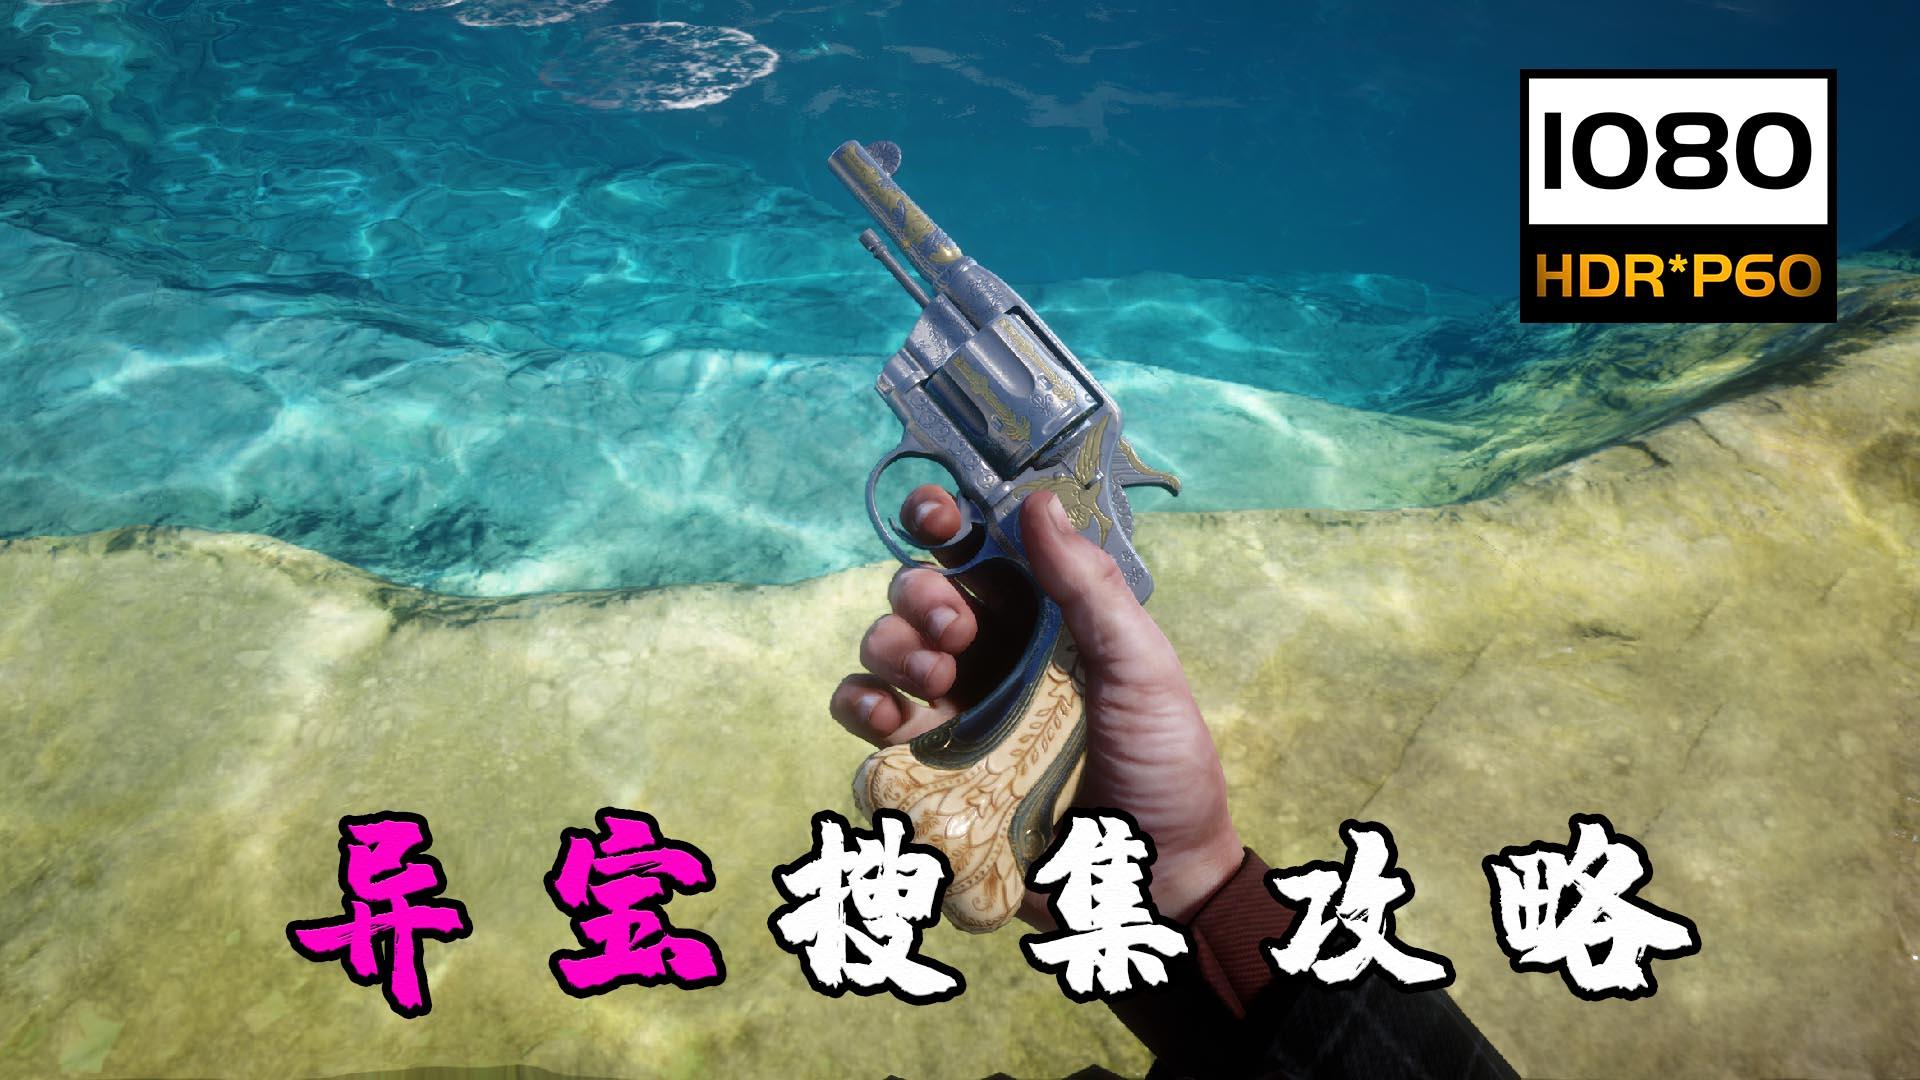 荒野大镖客2:史上最肝任务,阿尔杰农手枪,和珍禽帽获取教程!